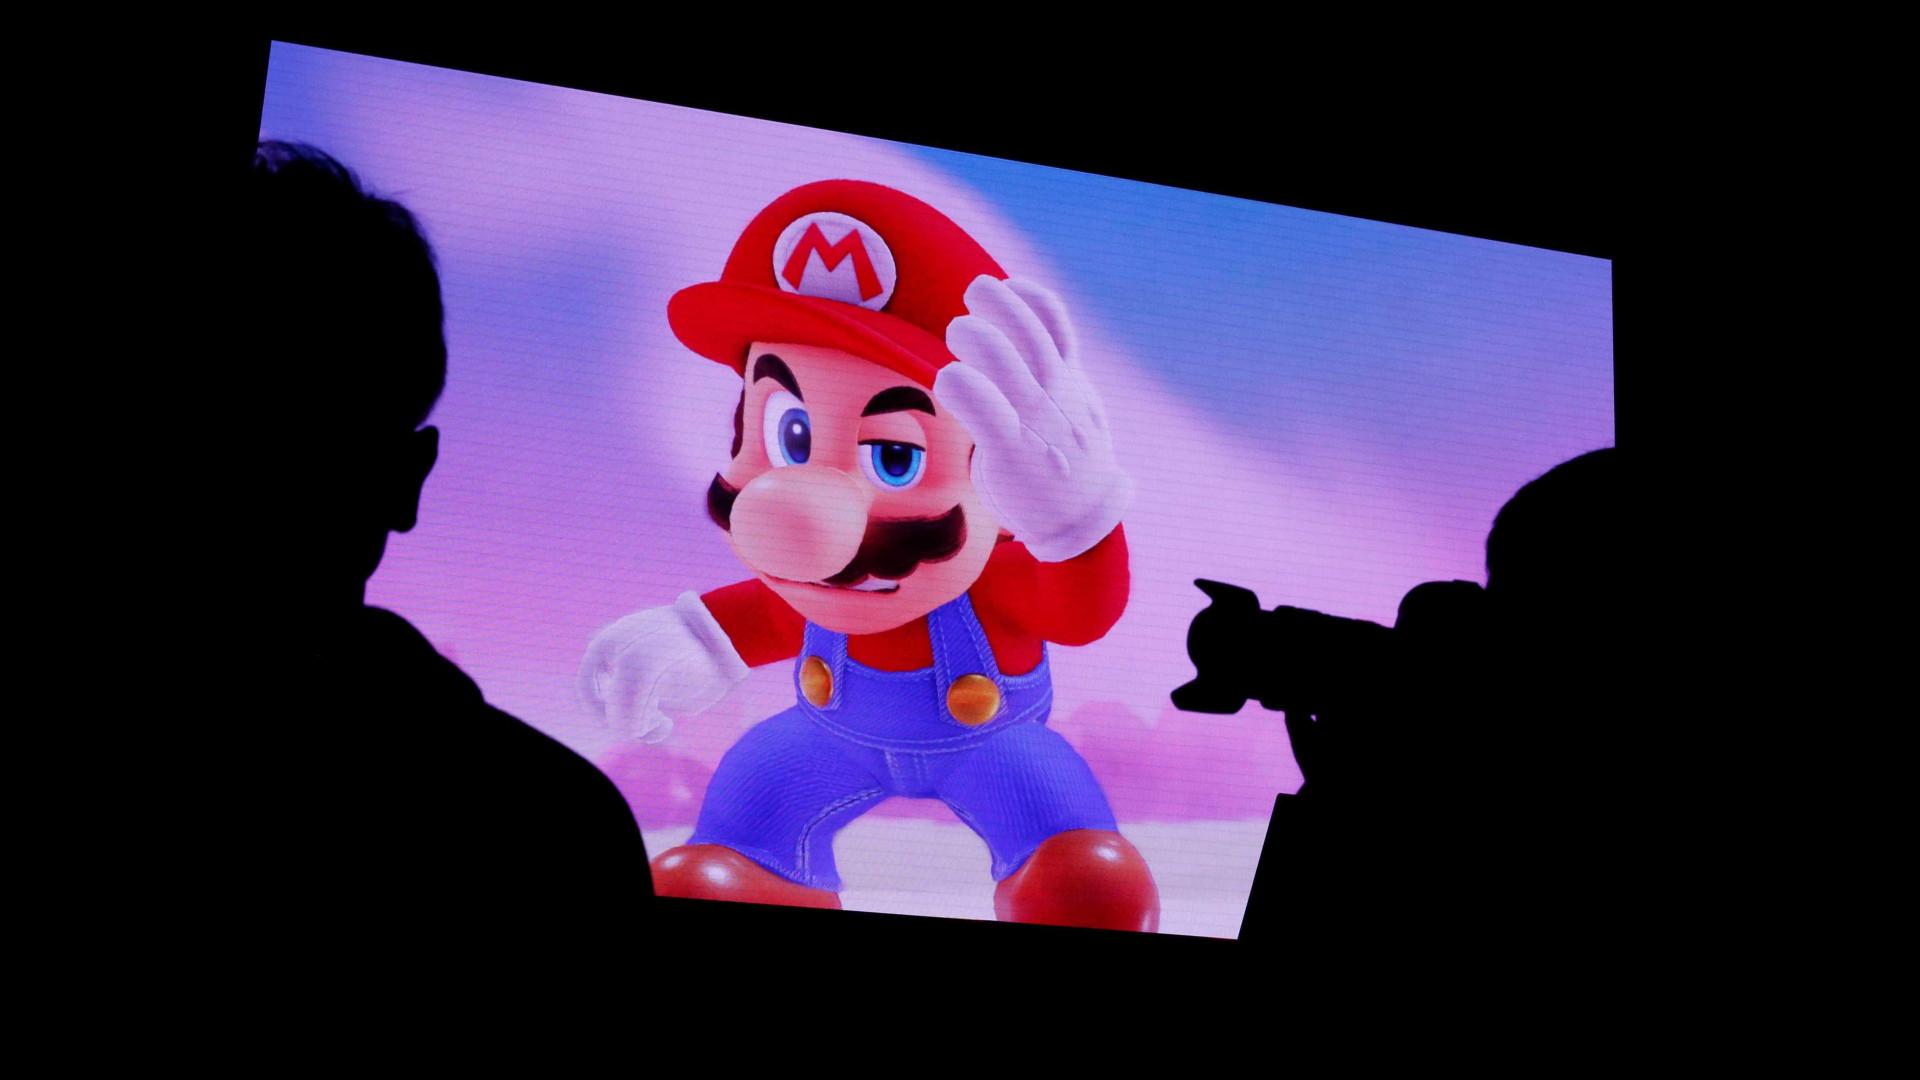 Serviço online do Switch chega em setembro com multiplayer e jogos clássicos